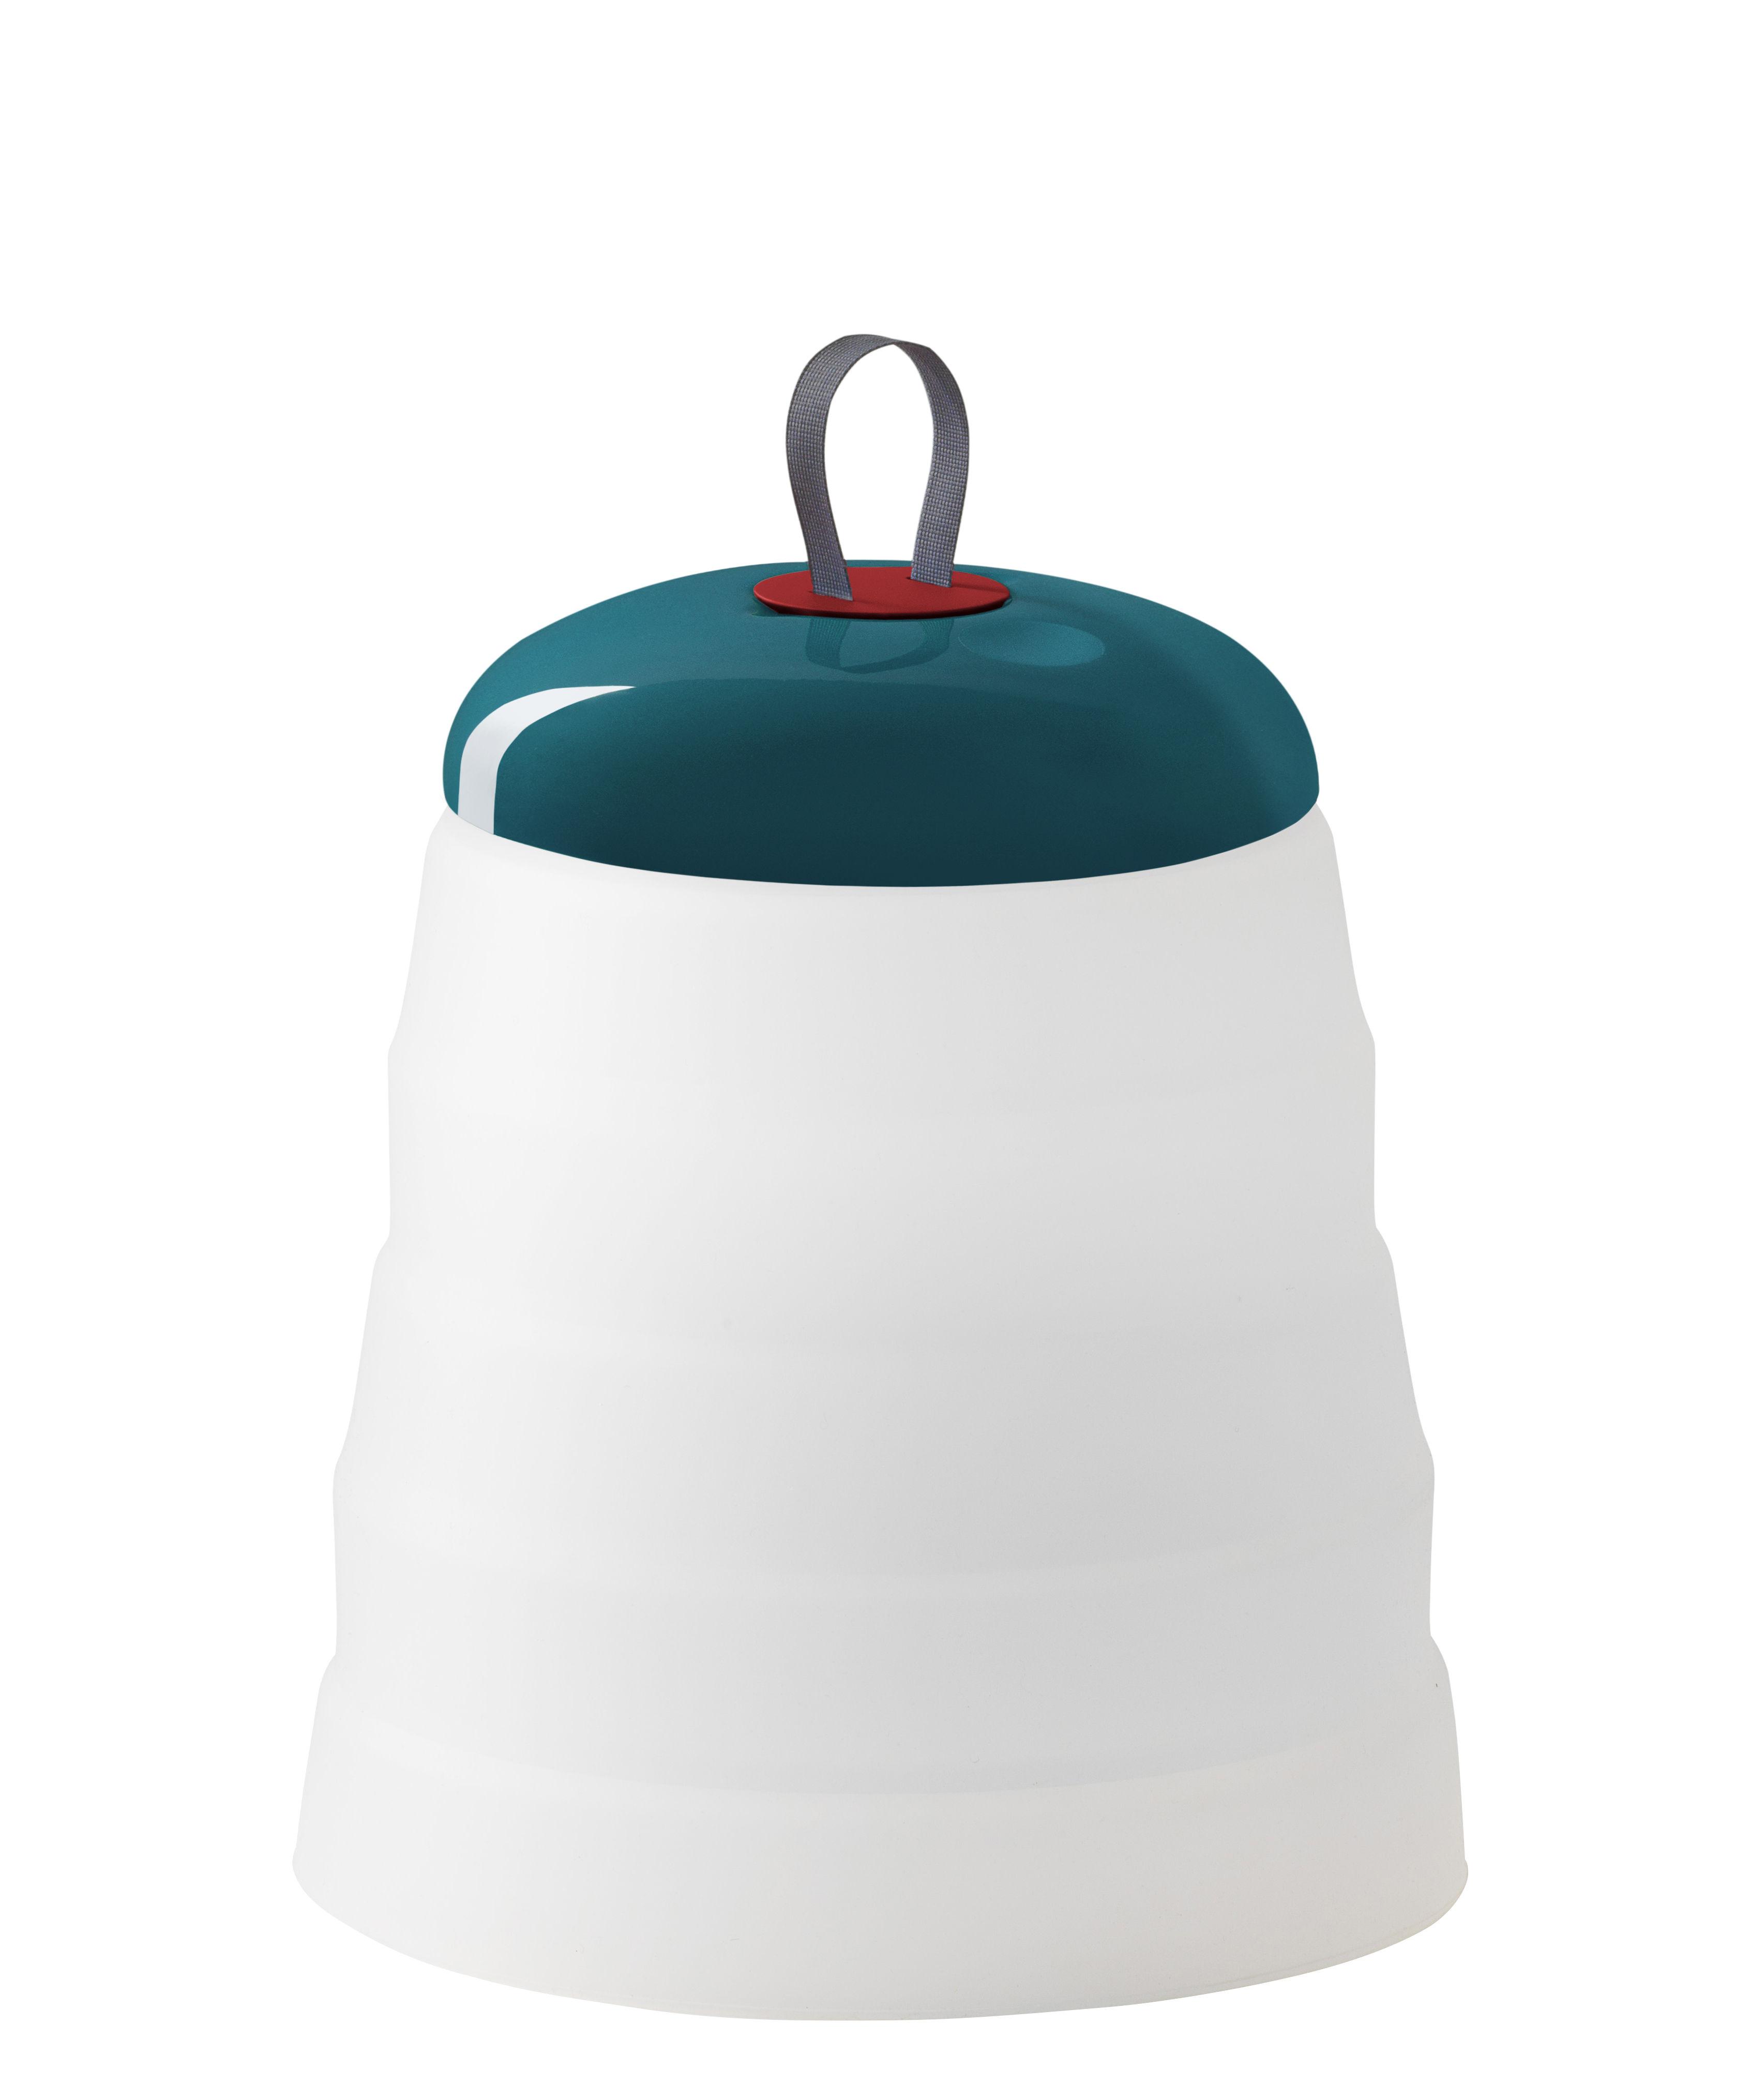 Leuchten - Tischleuchten - Cri Cri LED Outdoor Lampe ohne Kabel / H 31 cm - mit USB-Ladekabel - Foscarini - Grün - ABS, PMMA, Silikon